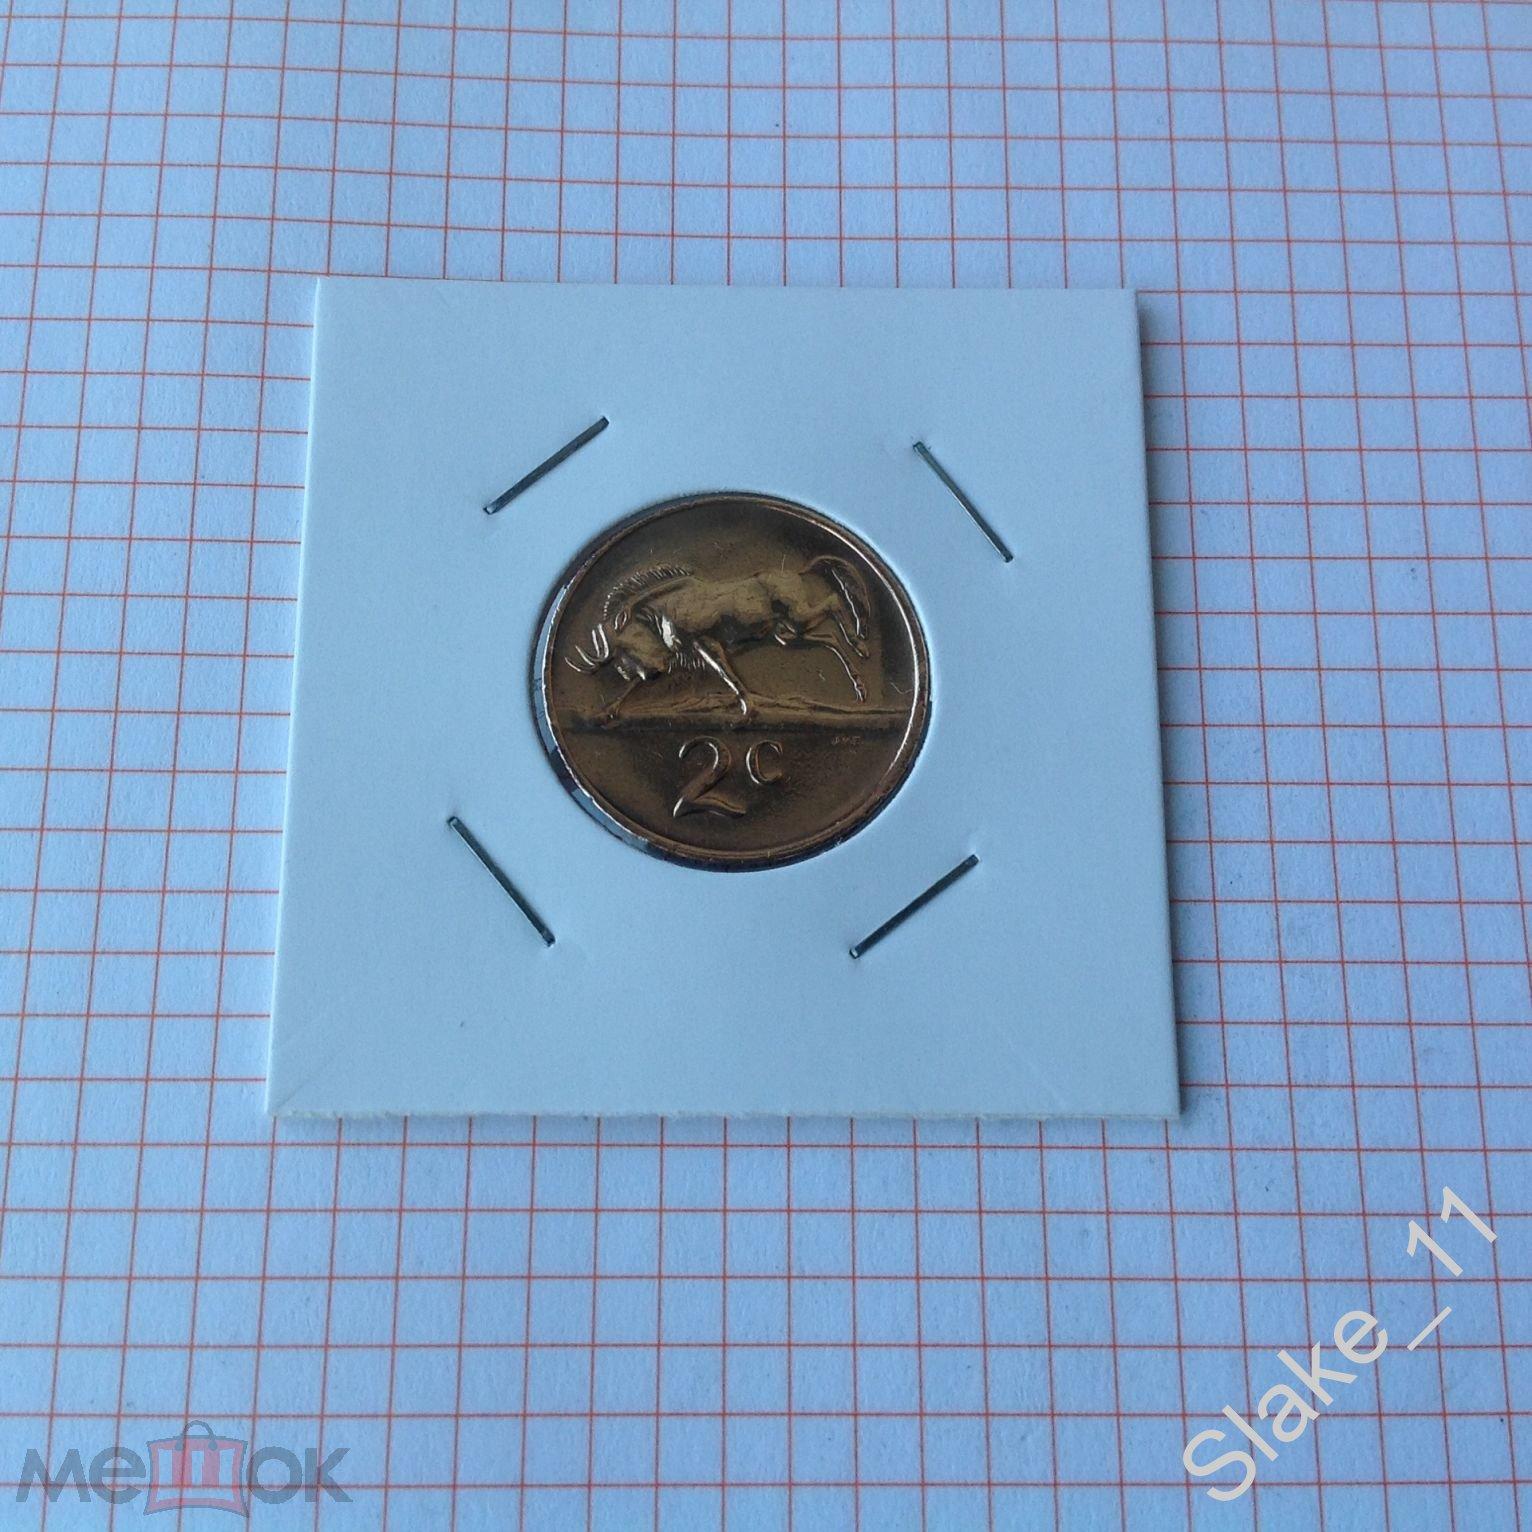 Южная Африка (ЮАР) 2 цента 1981 Республика SOUTH AFRICA антилопа гну холдер KM# 83